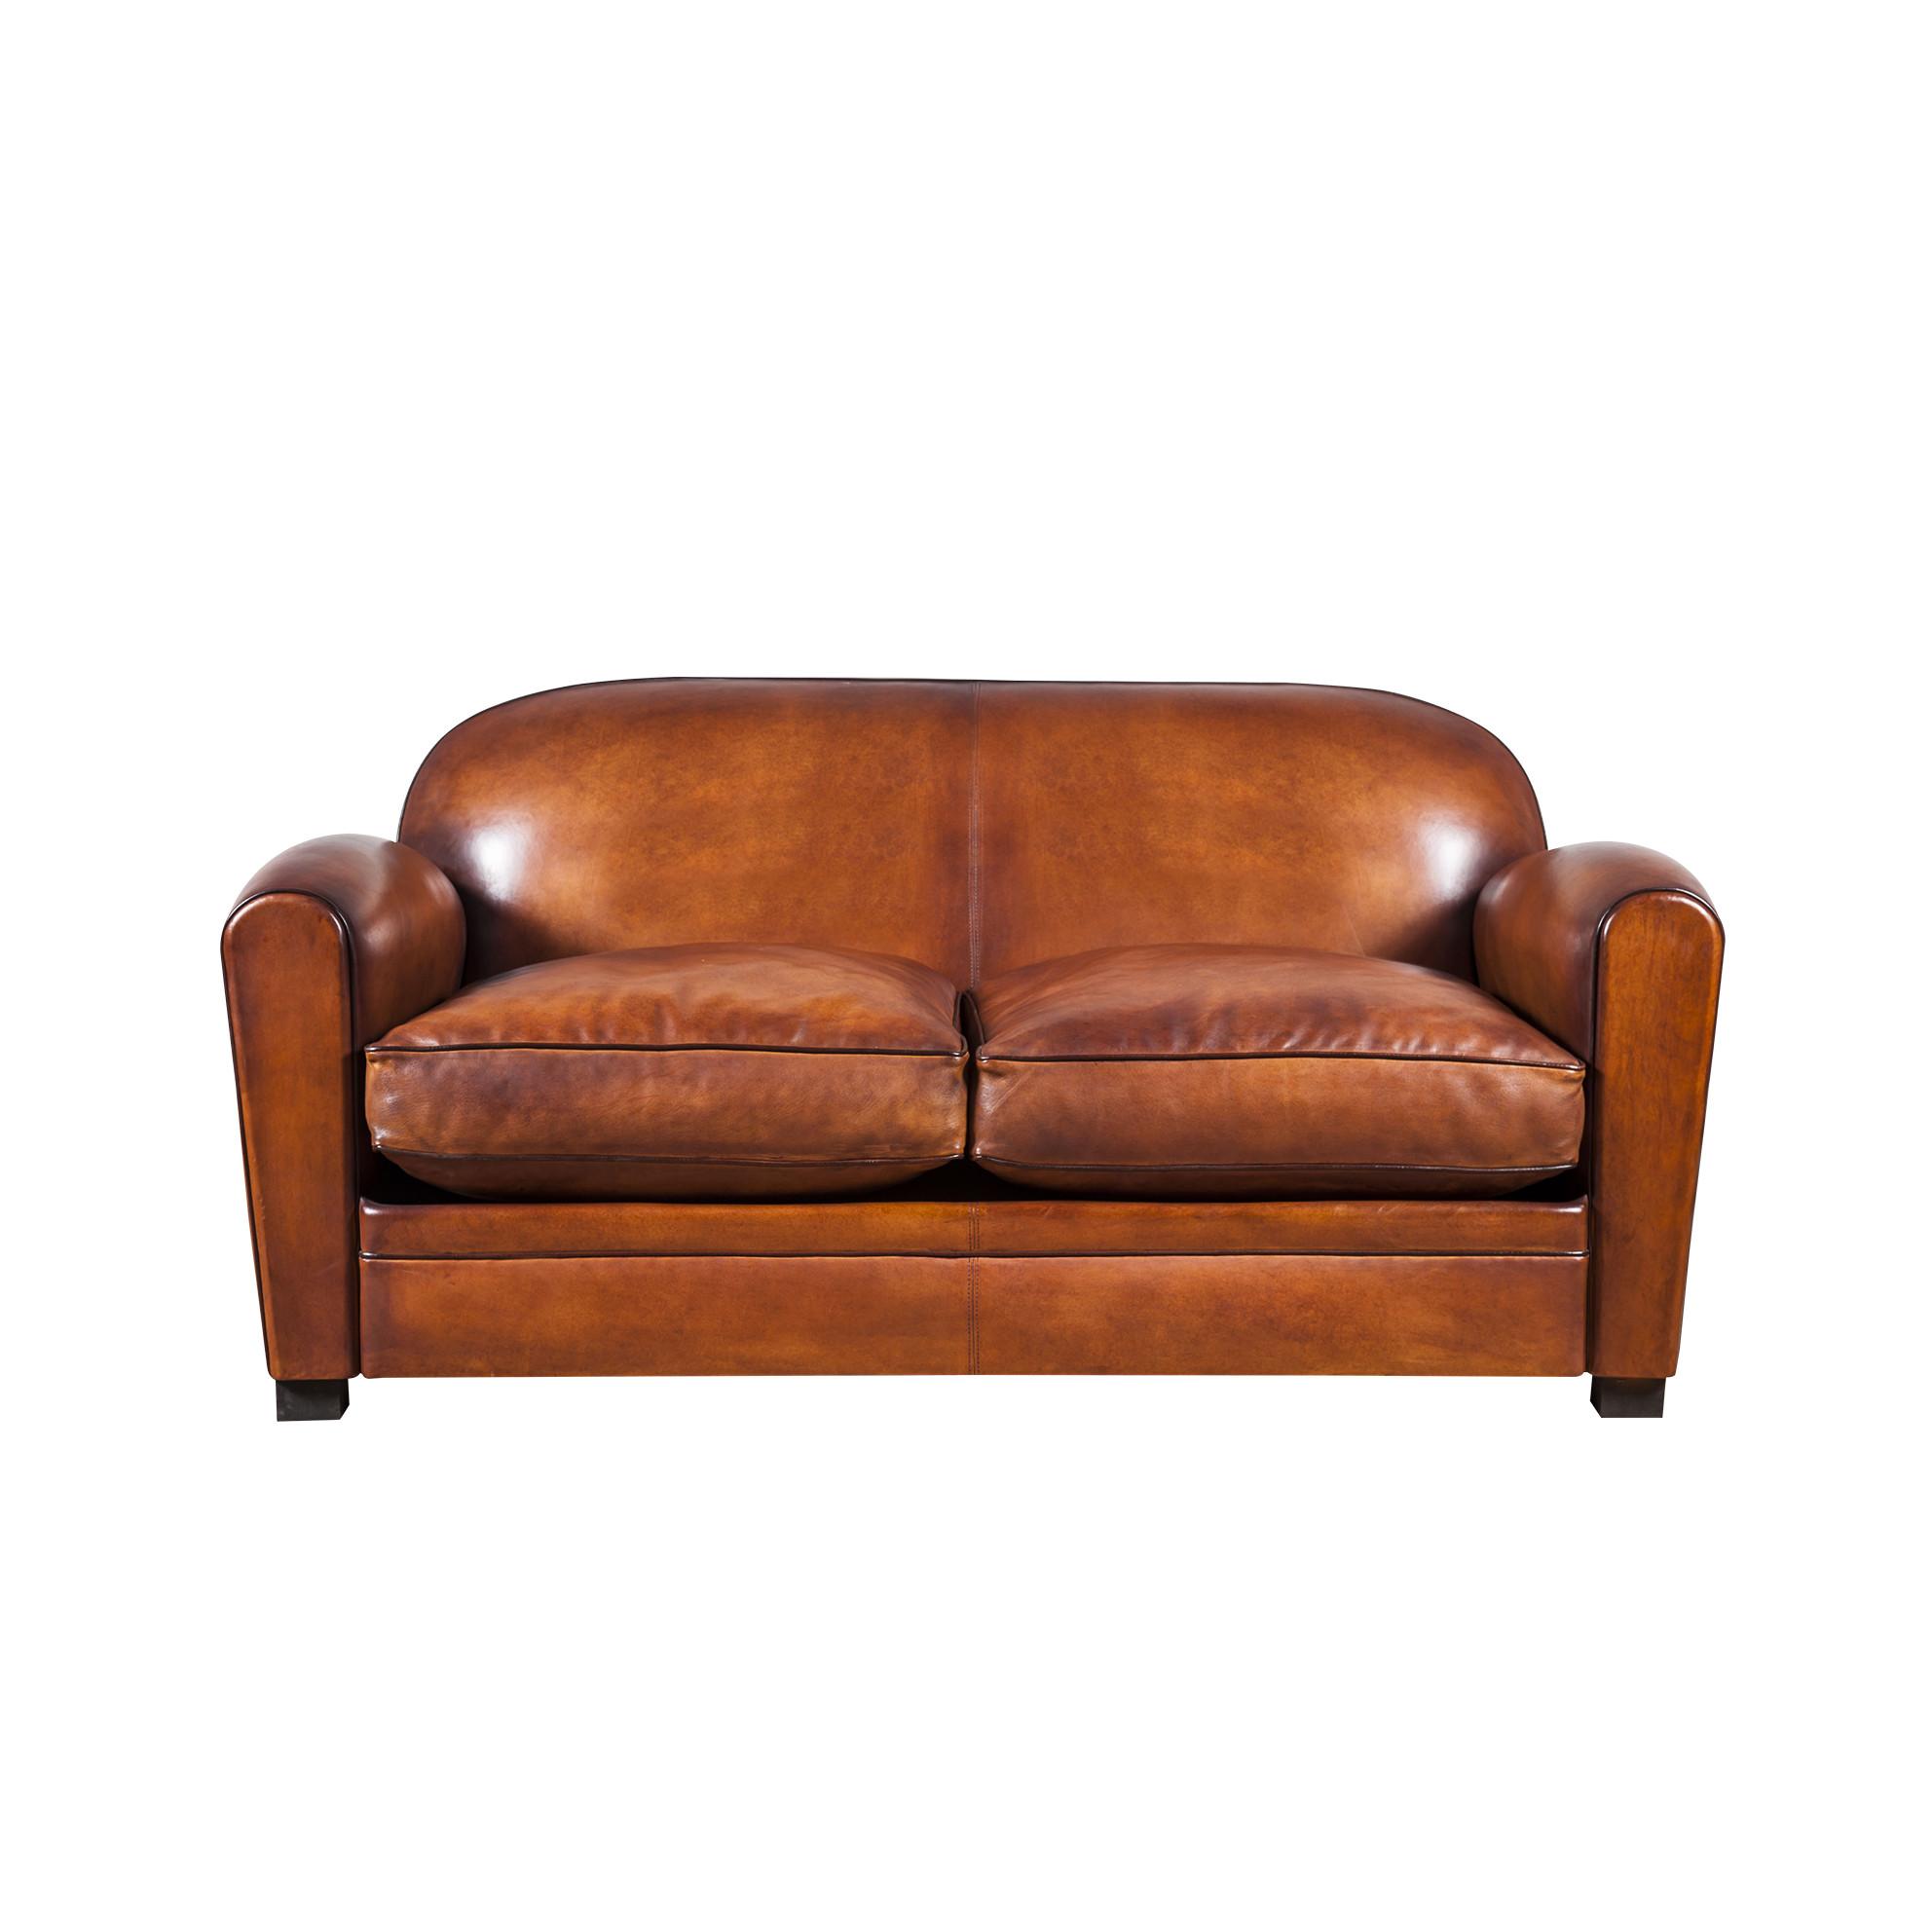 Comment entretenir un canap en cuir noir - Comment nettoyer un fauteuil en cuir ...